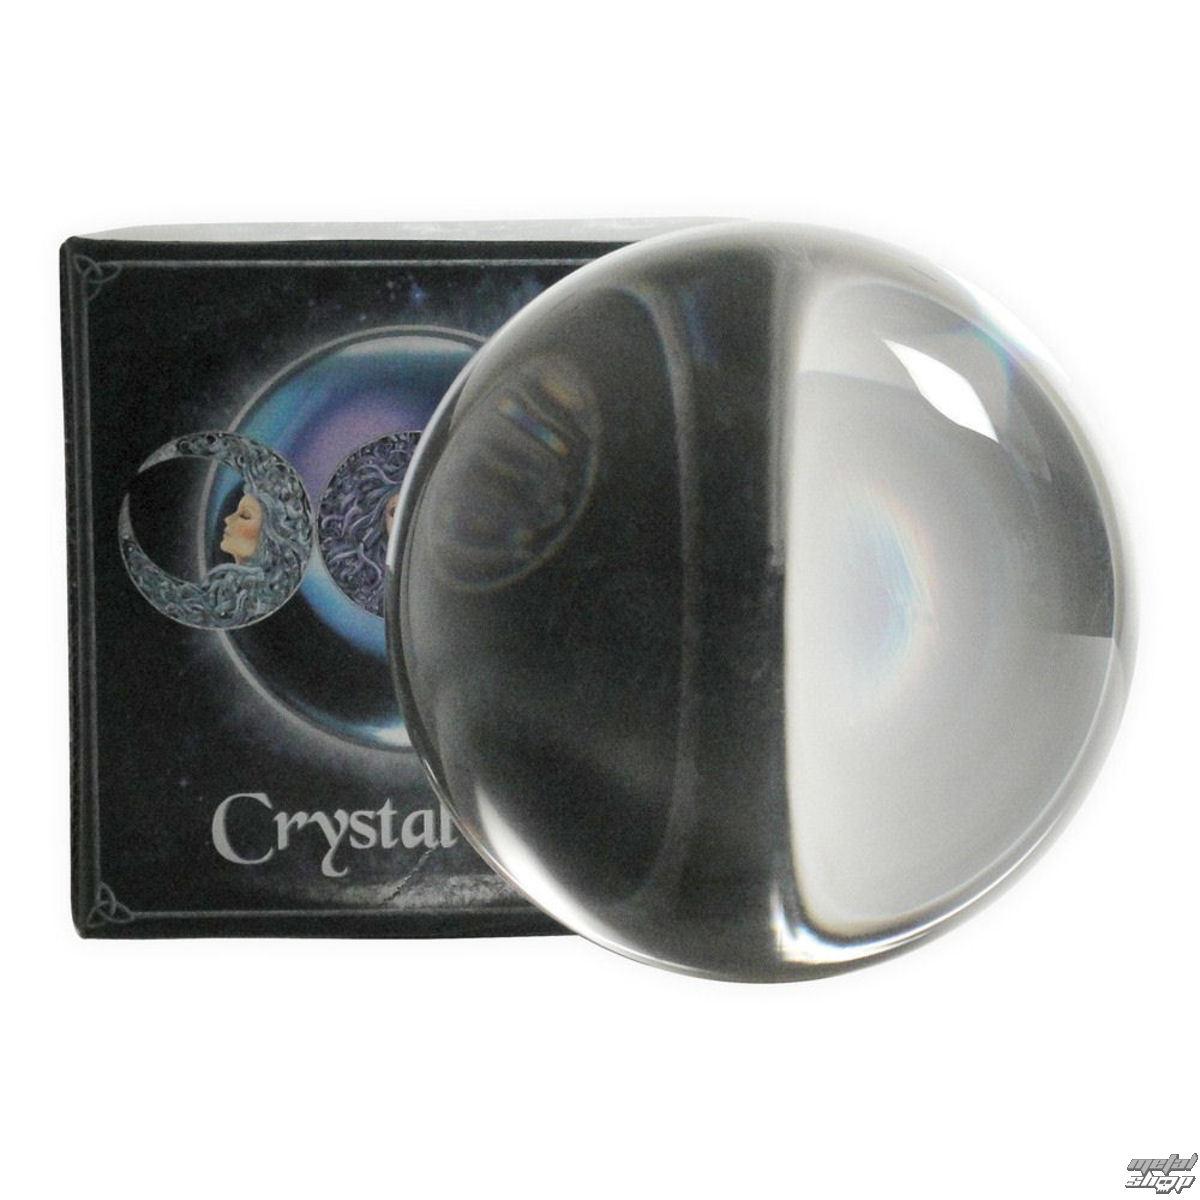 křišťálová koule (střední) Crystal - NENOW - NOW7101